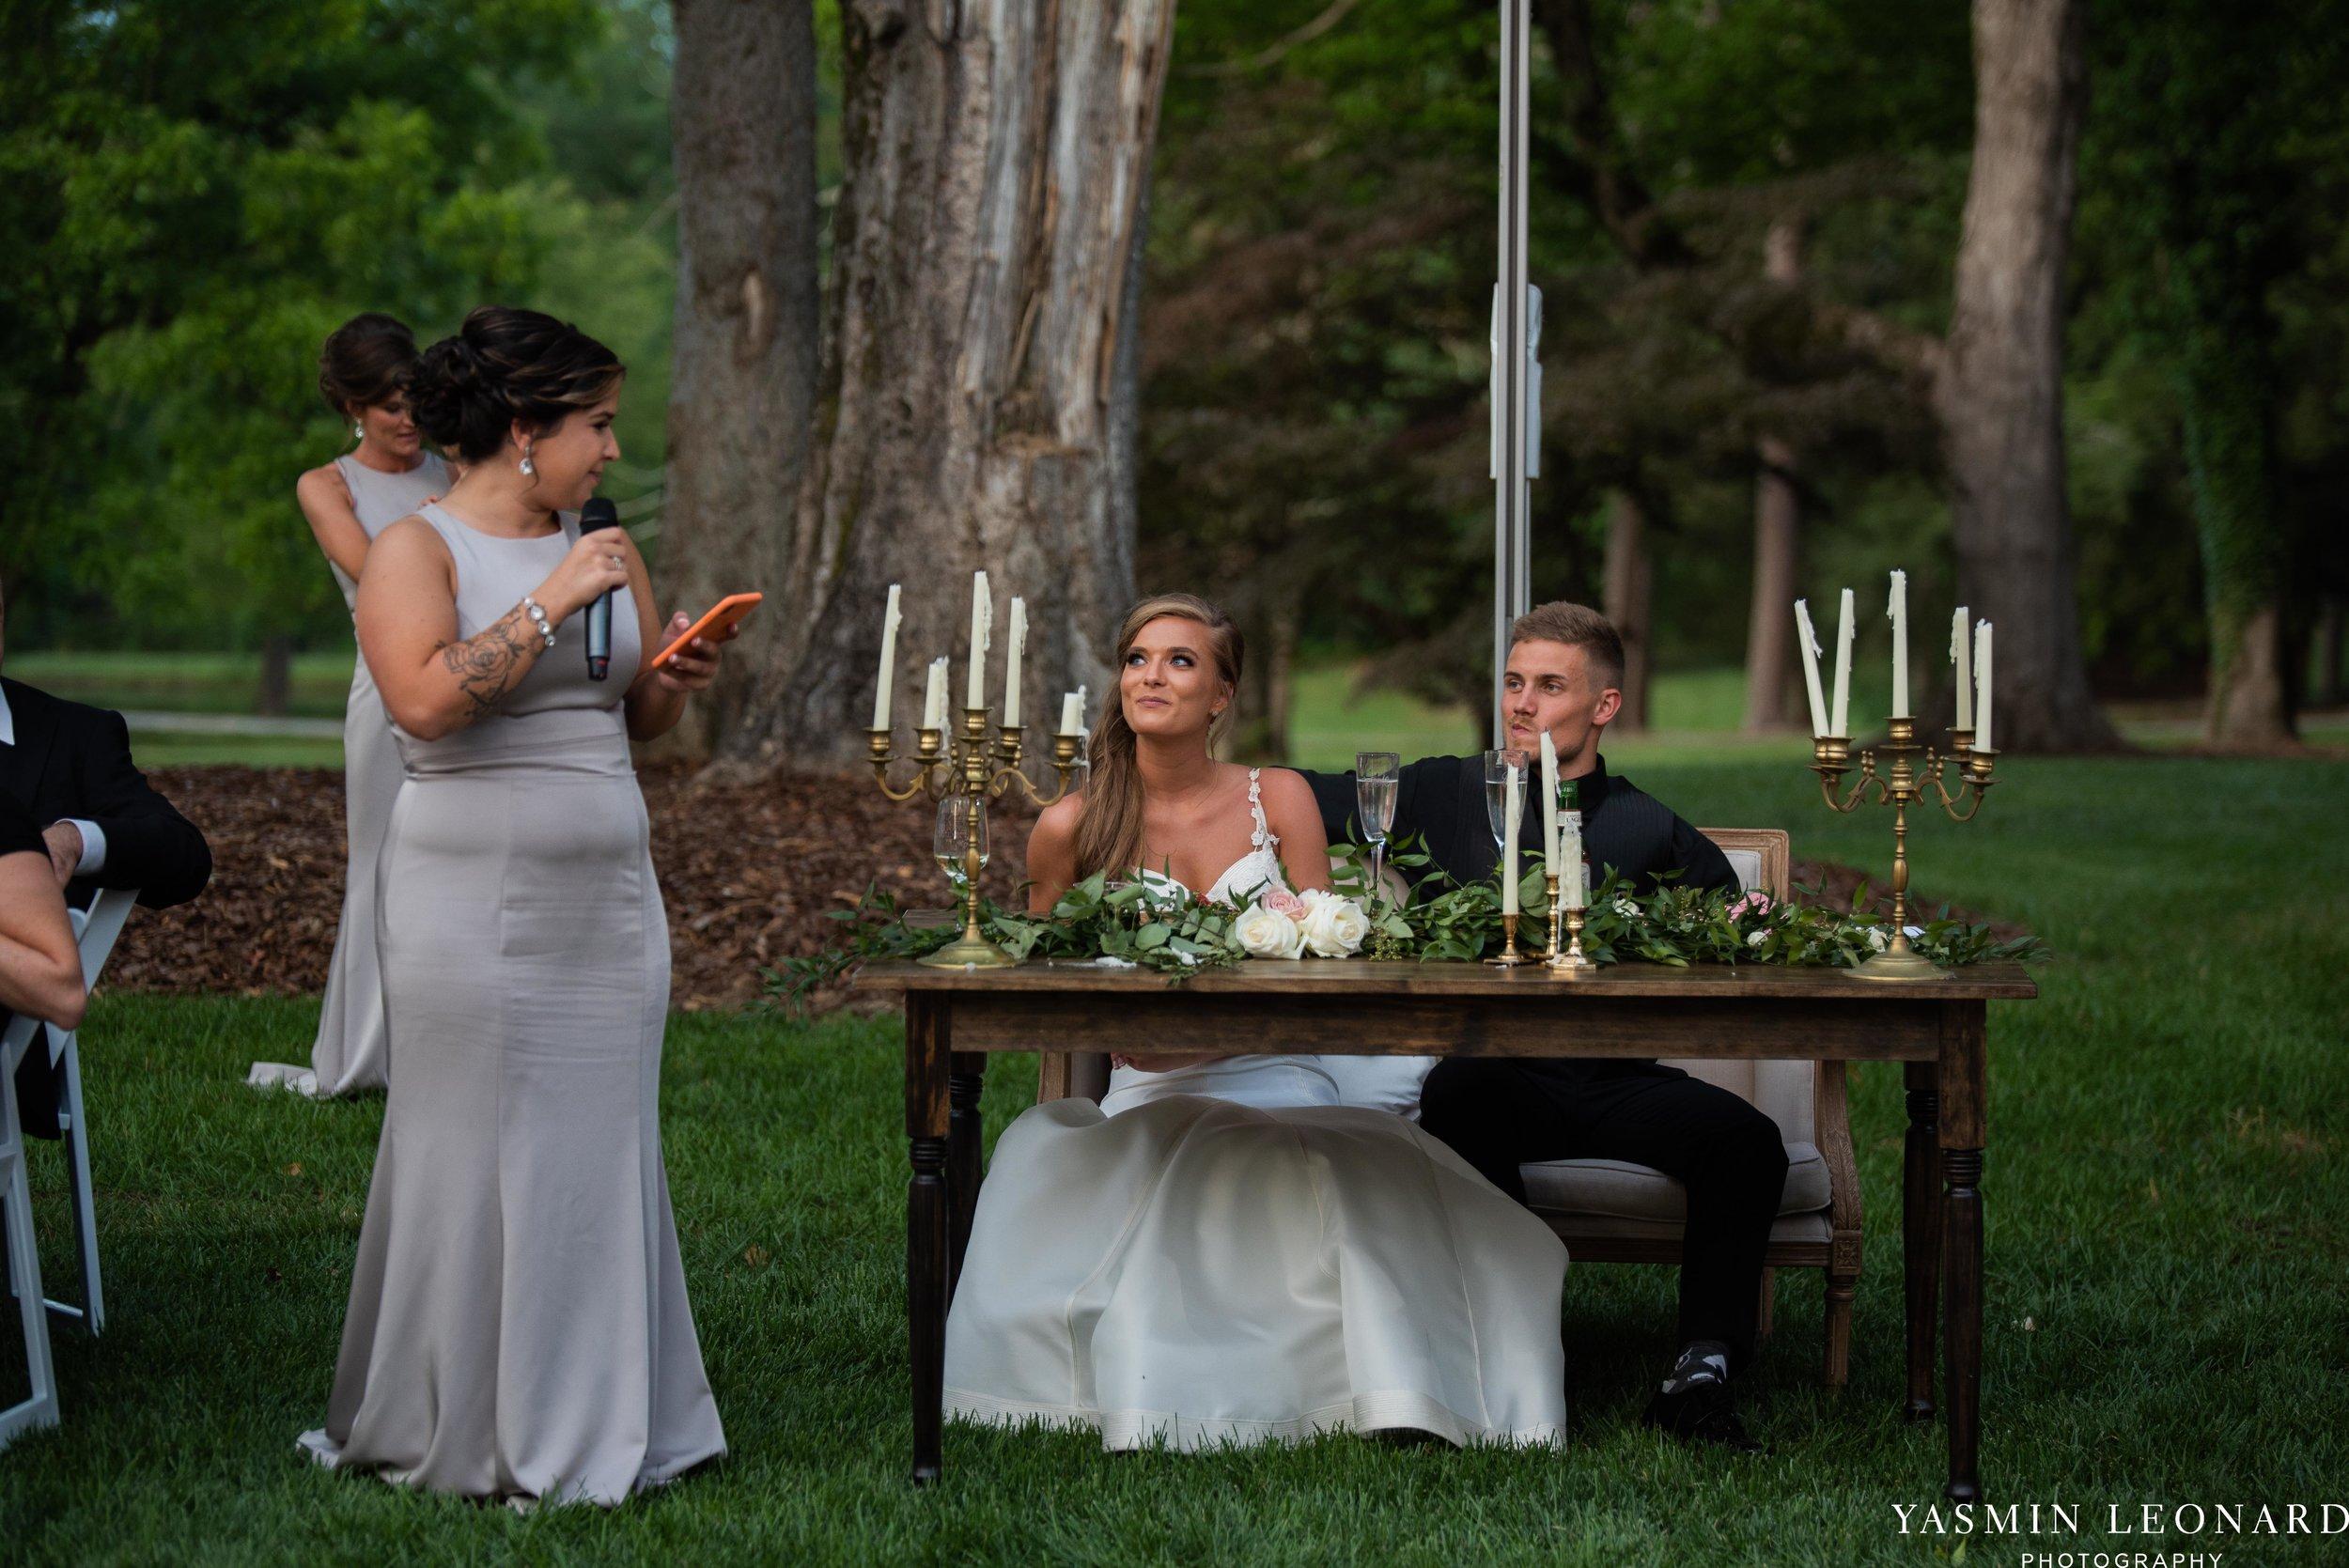 Boxwood Estate - Boxwood Estate Wedding - Luxury Wedding - Black and White Wedding - NC Wedding Venues - NC Weddings - NC Photographer - Lantern Release Grand Exit - Large Wedding Party - Yasmin Leonard Photography-67.jpg